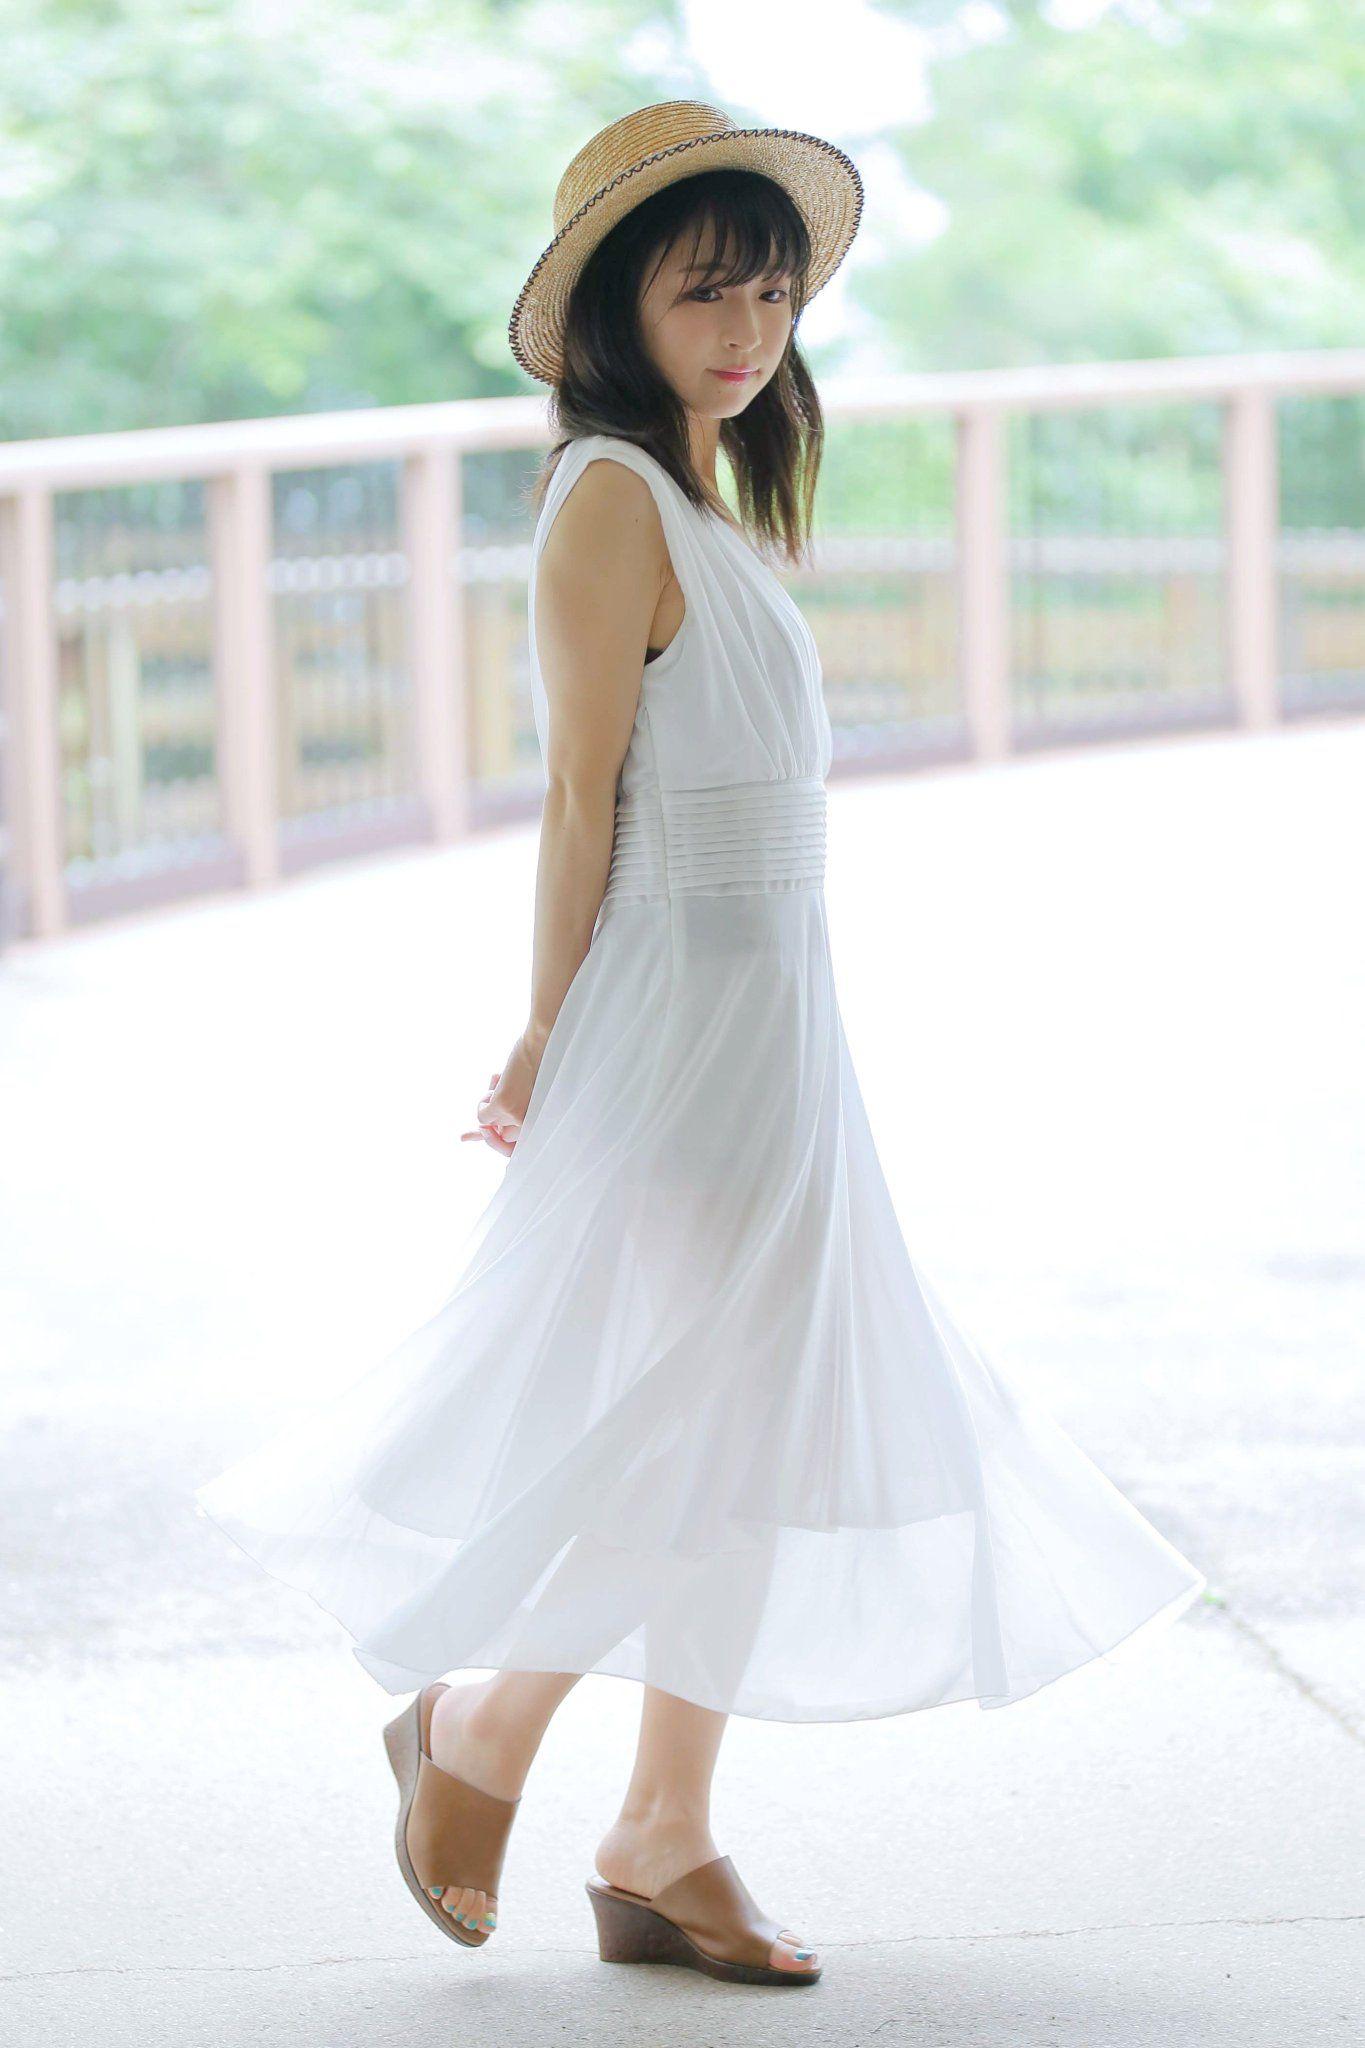 傘戸あやめ* on Twitter in 2020 Flower girl dresses, Wedding